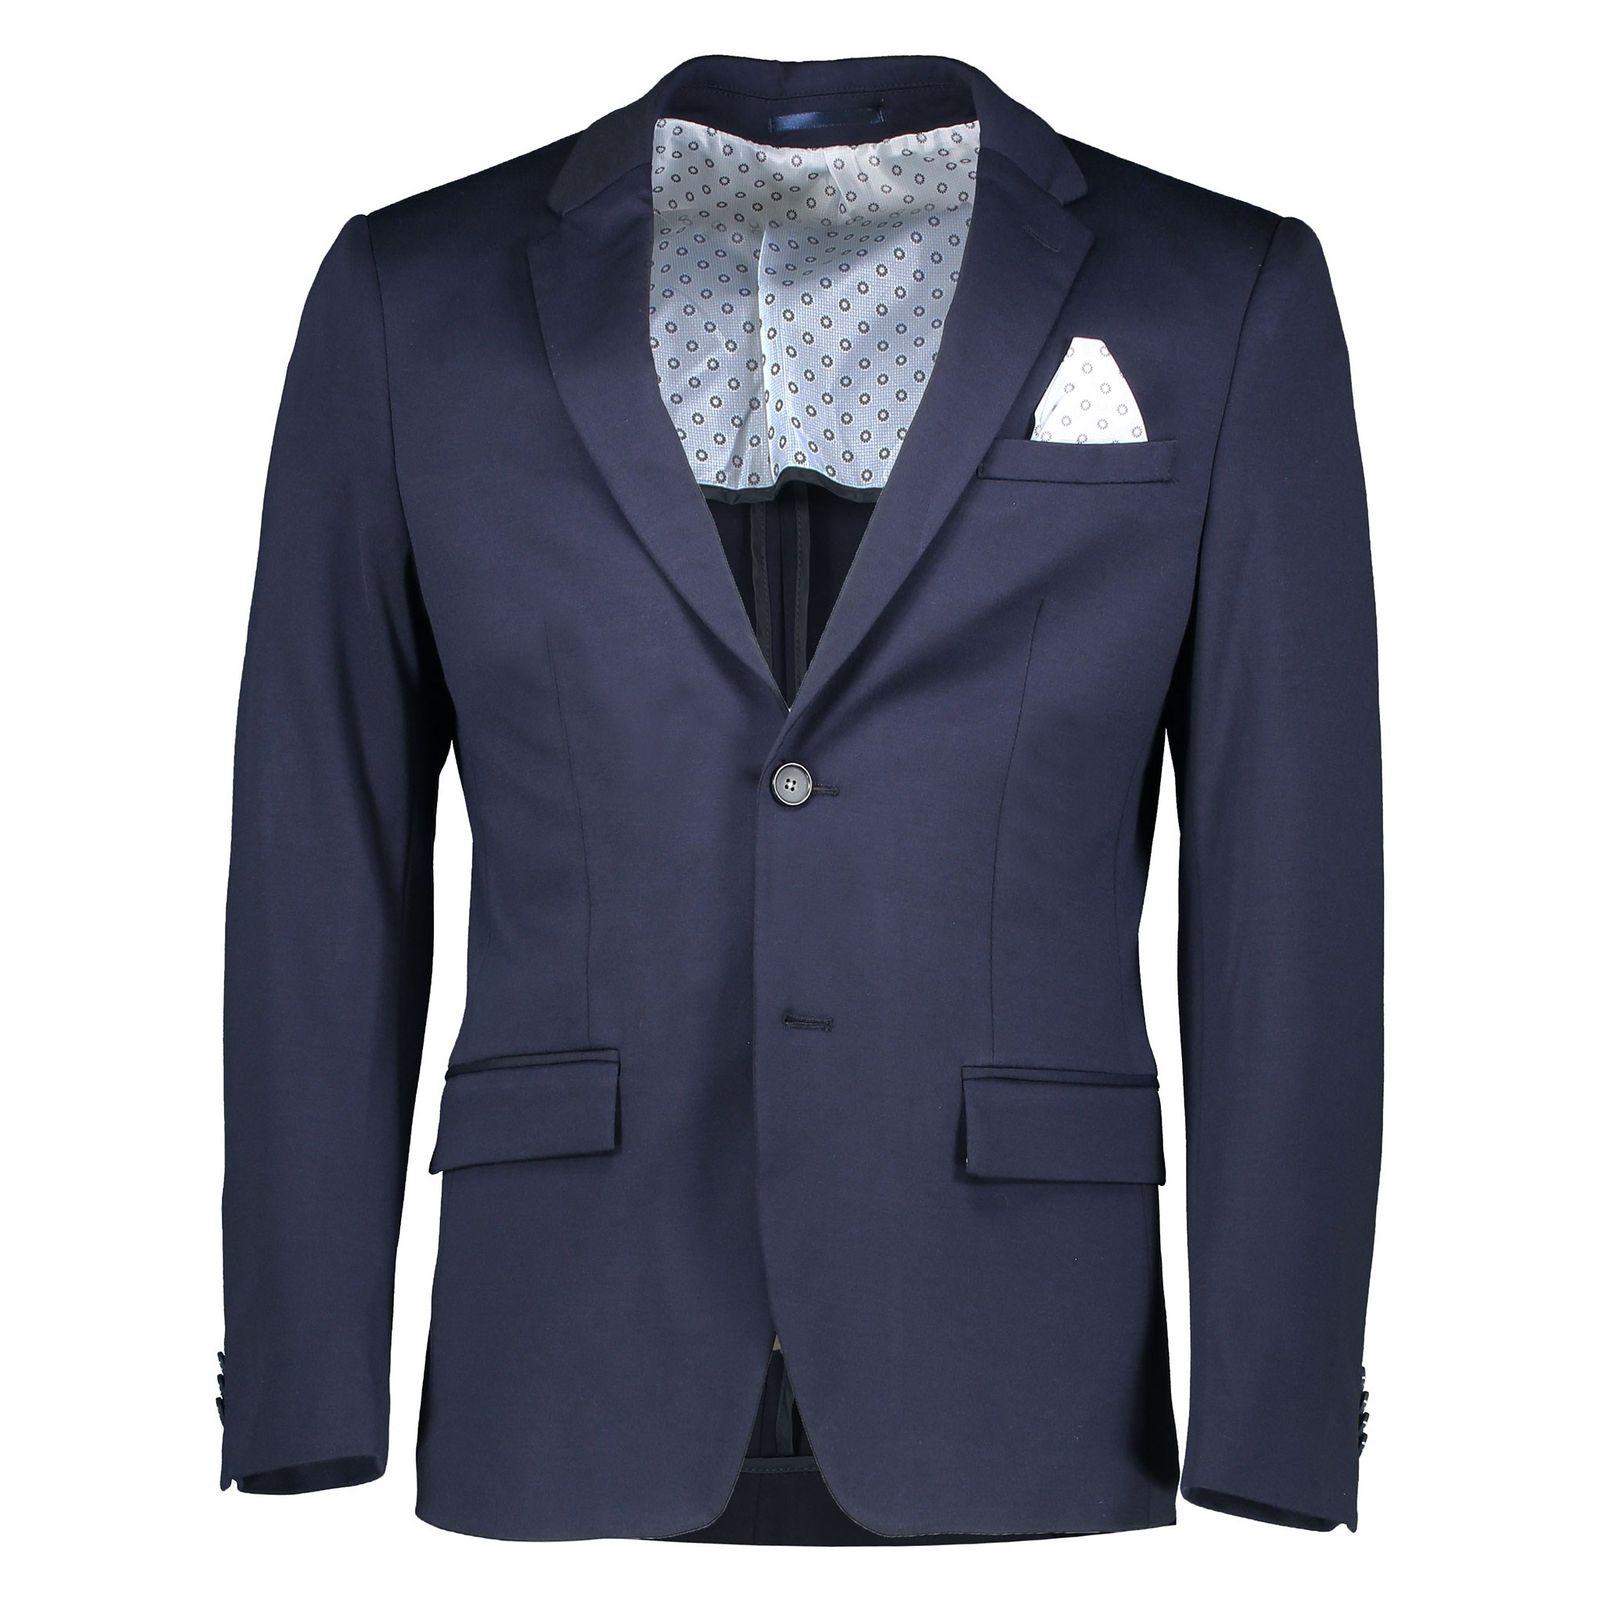 کت تک رسمی مردانه - یوپیم - سرمه اي - 1